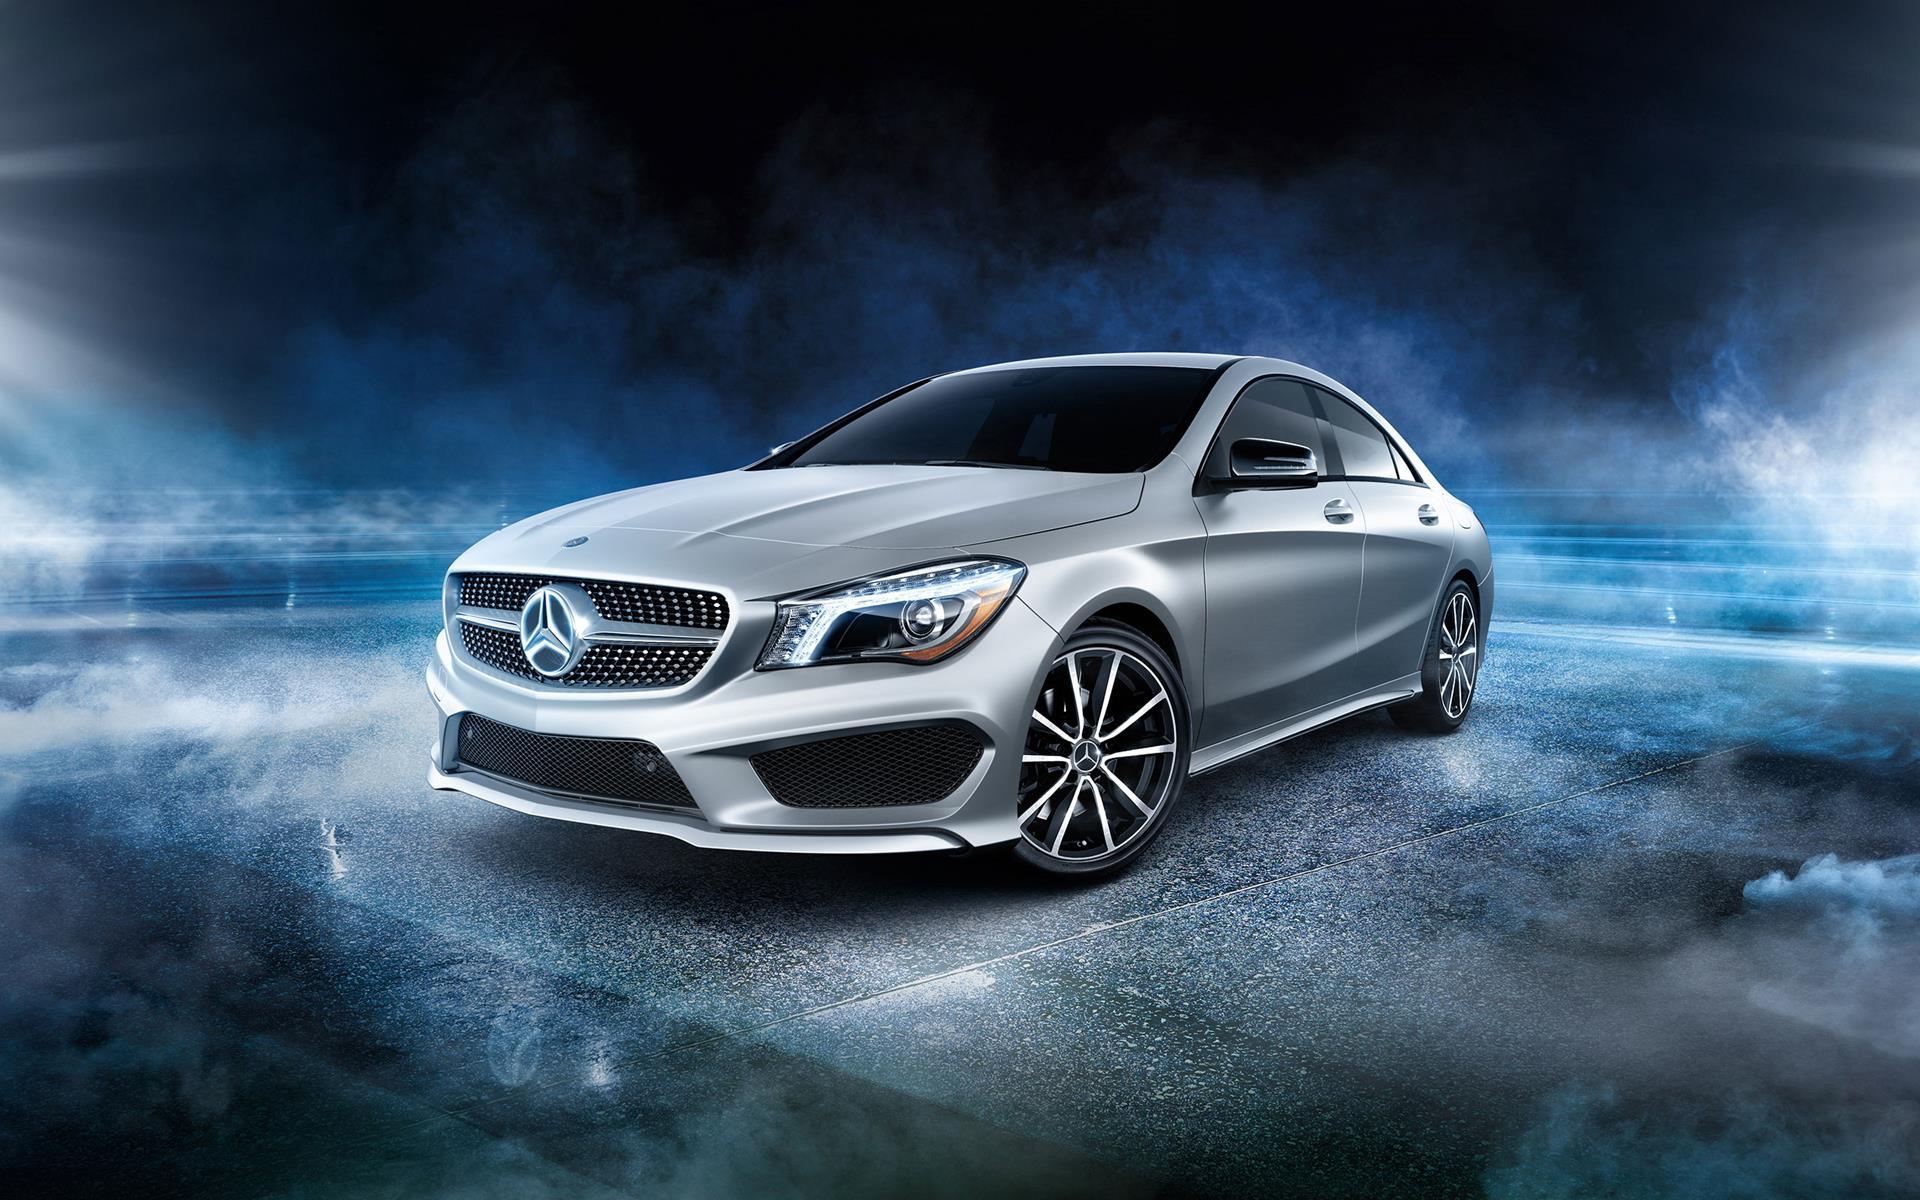 2016 Mercedes Benz Cla Class Wallpapers Hd Drivespark